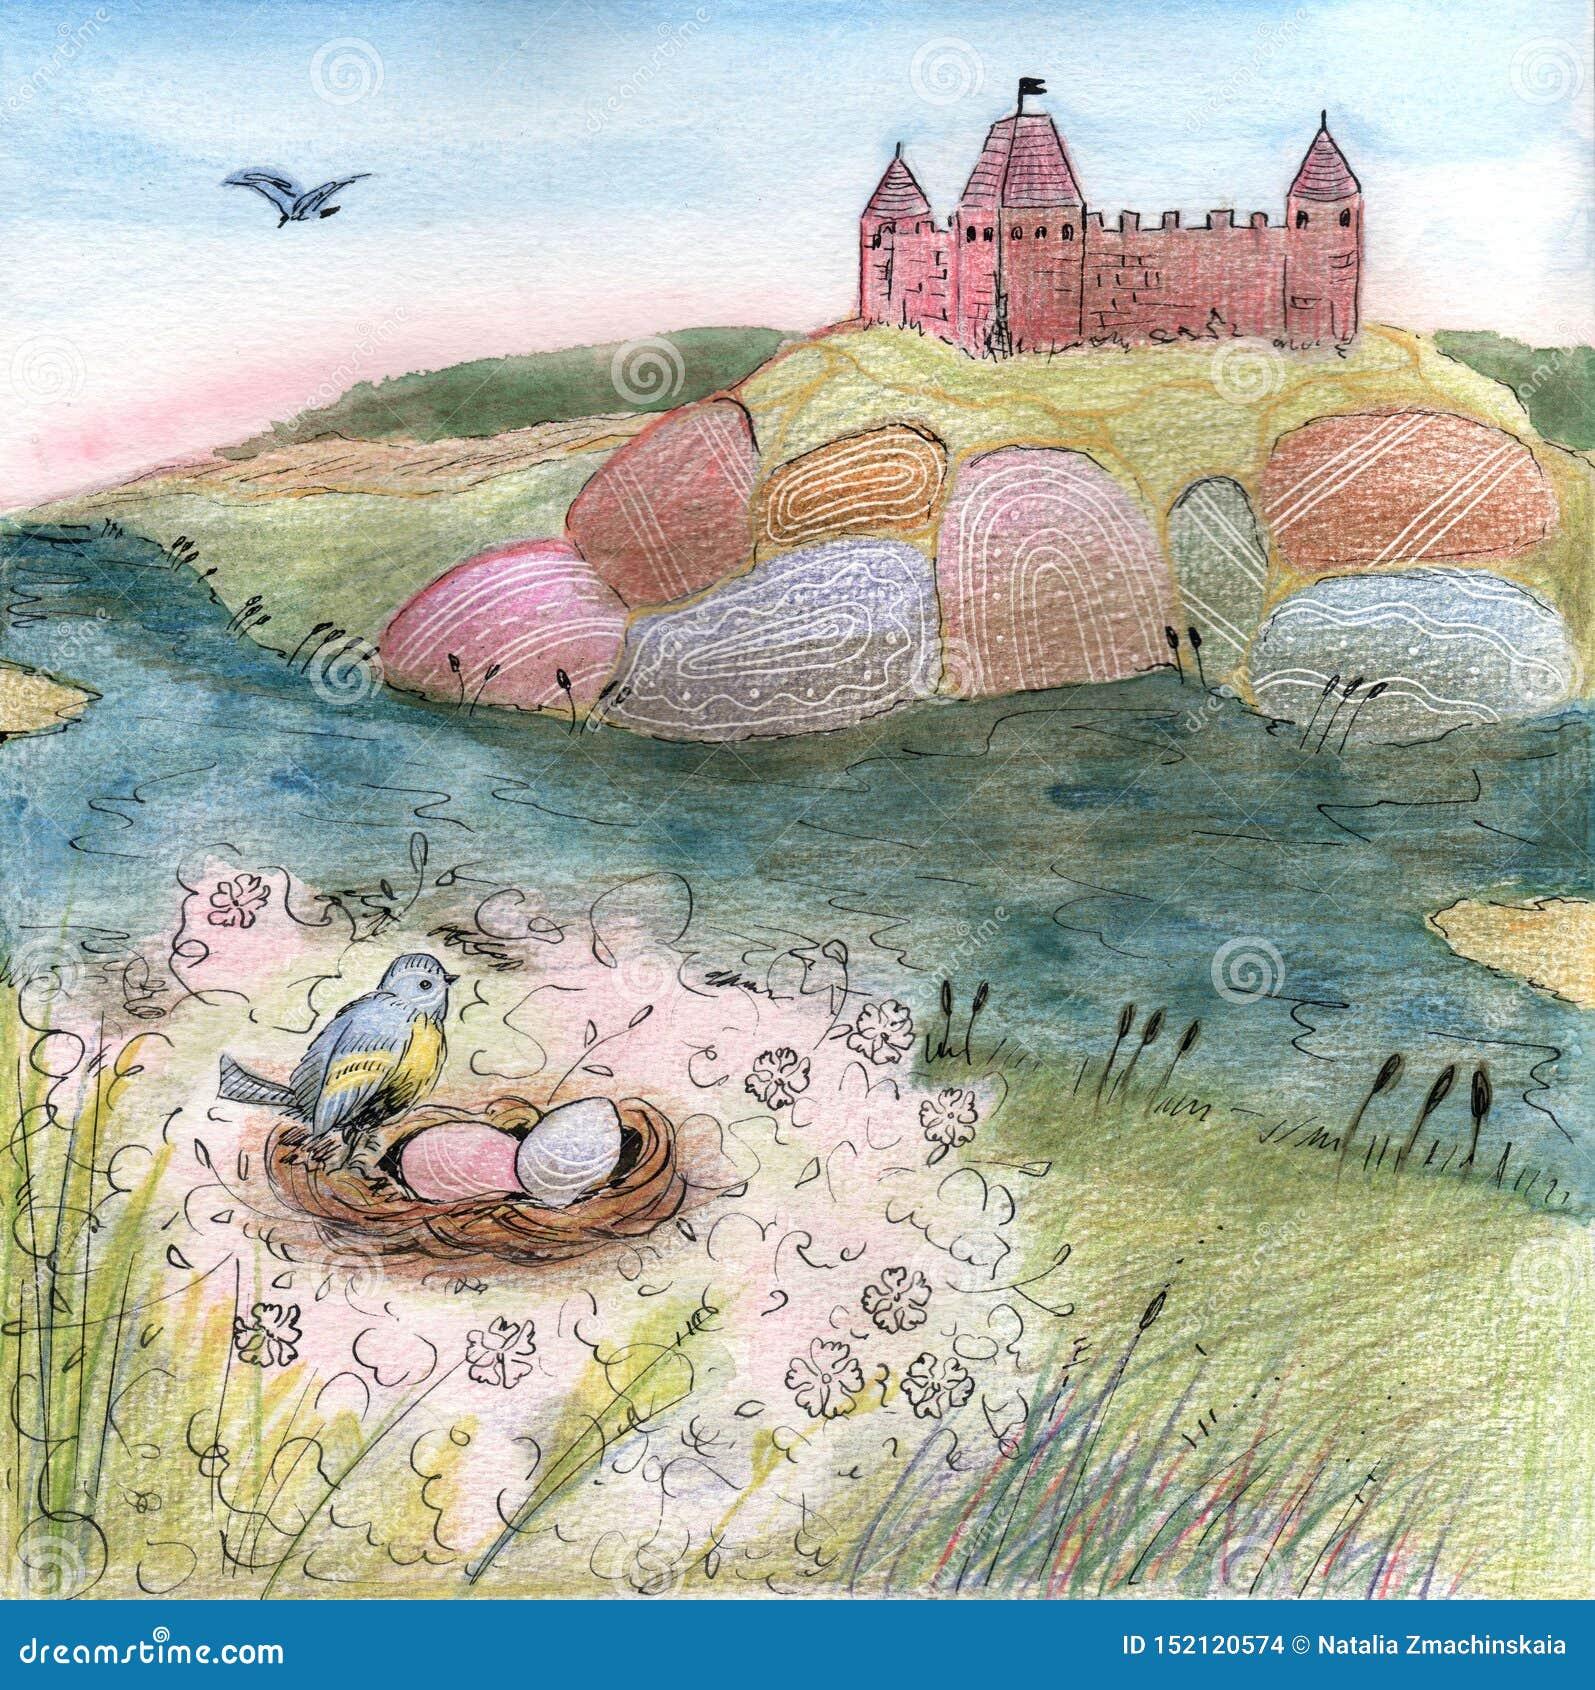 Ilustracja z kasztelem na wzgórzu i ptak gniazdujemy